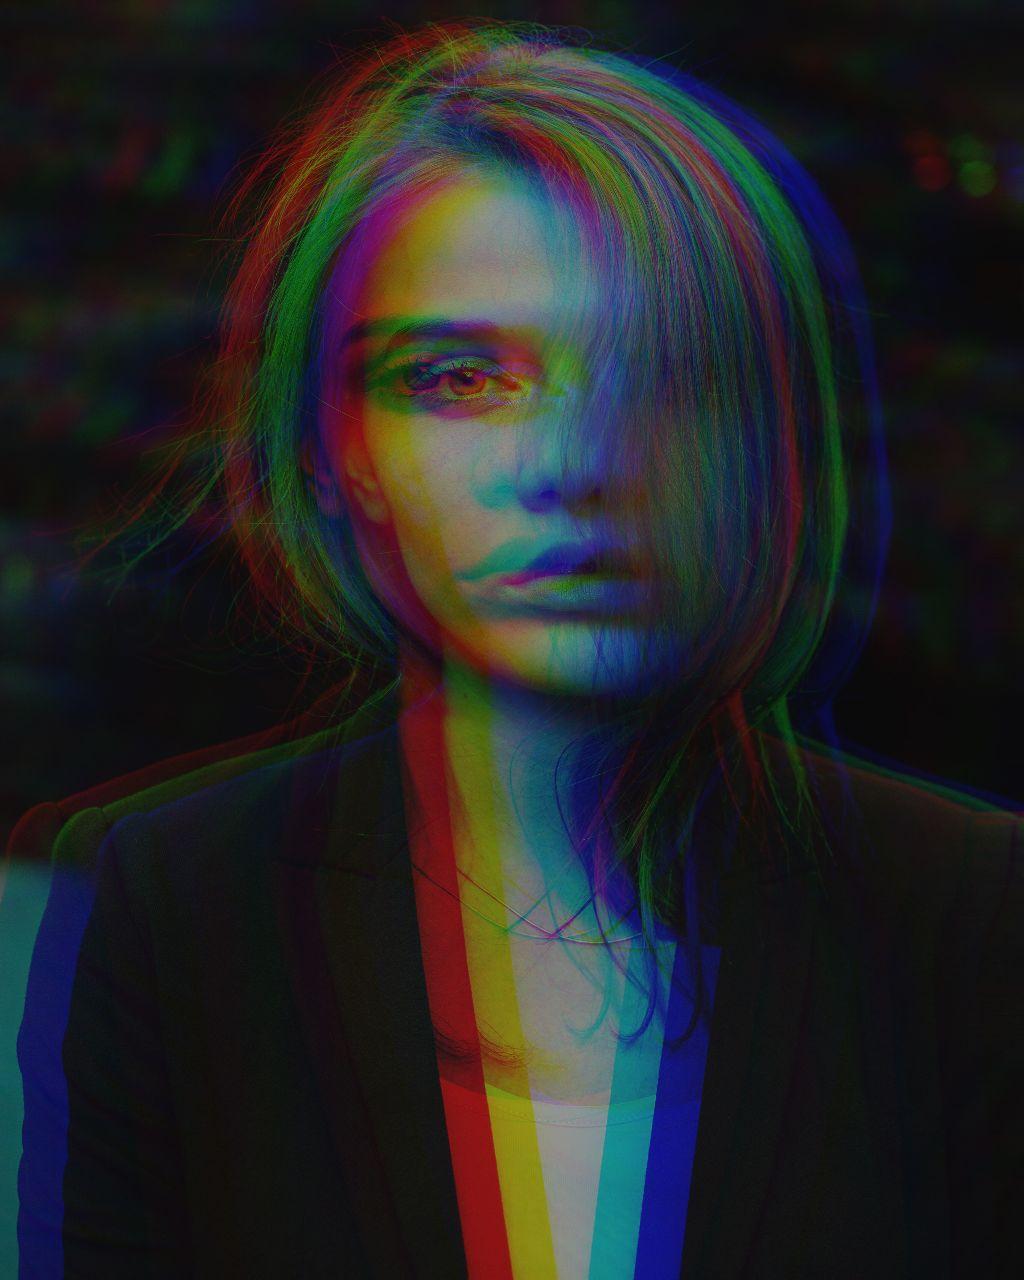 #freetoedit #glitch #glitcheffect #girl #portrait #madewithpicsart #replay #remixit